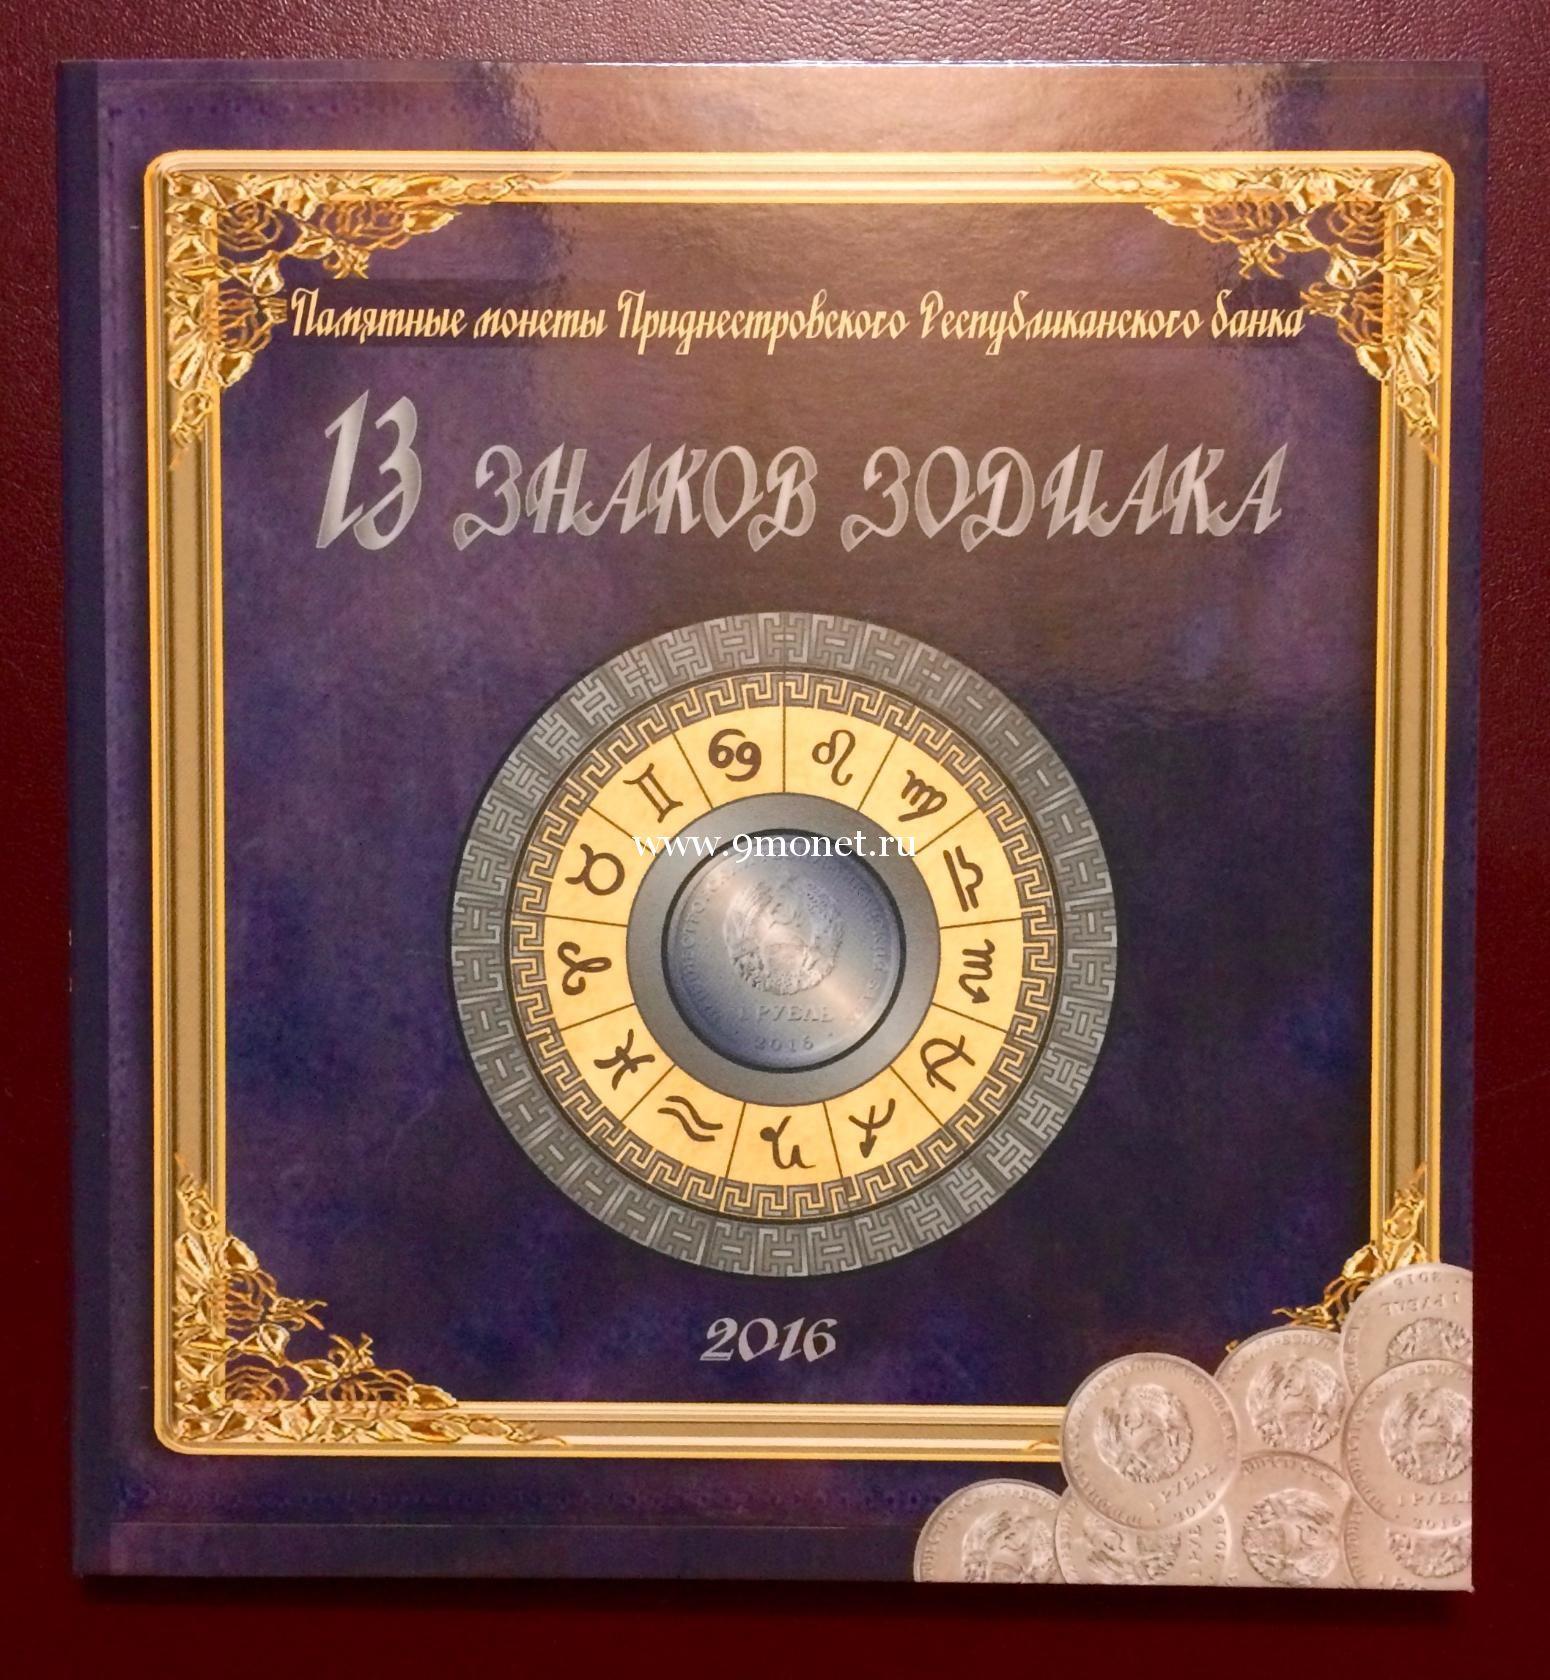 Набор из 13 монет Приднестровья 1 рубль Знаки Зодиака в альбоме.